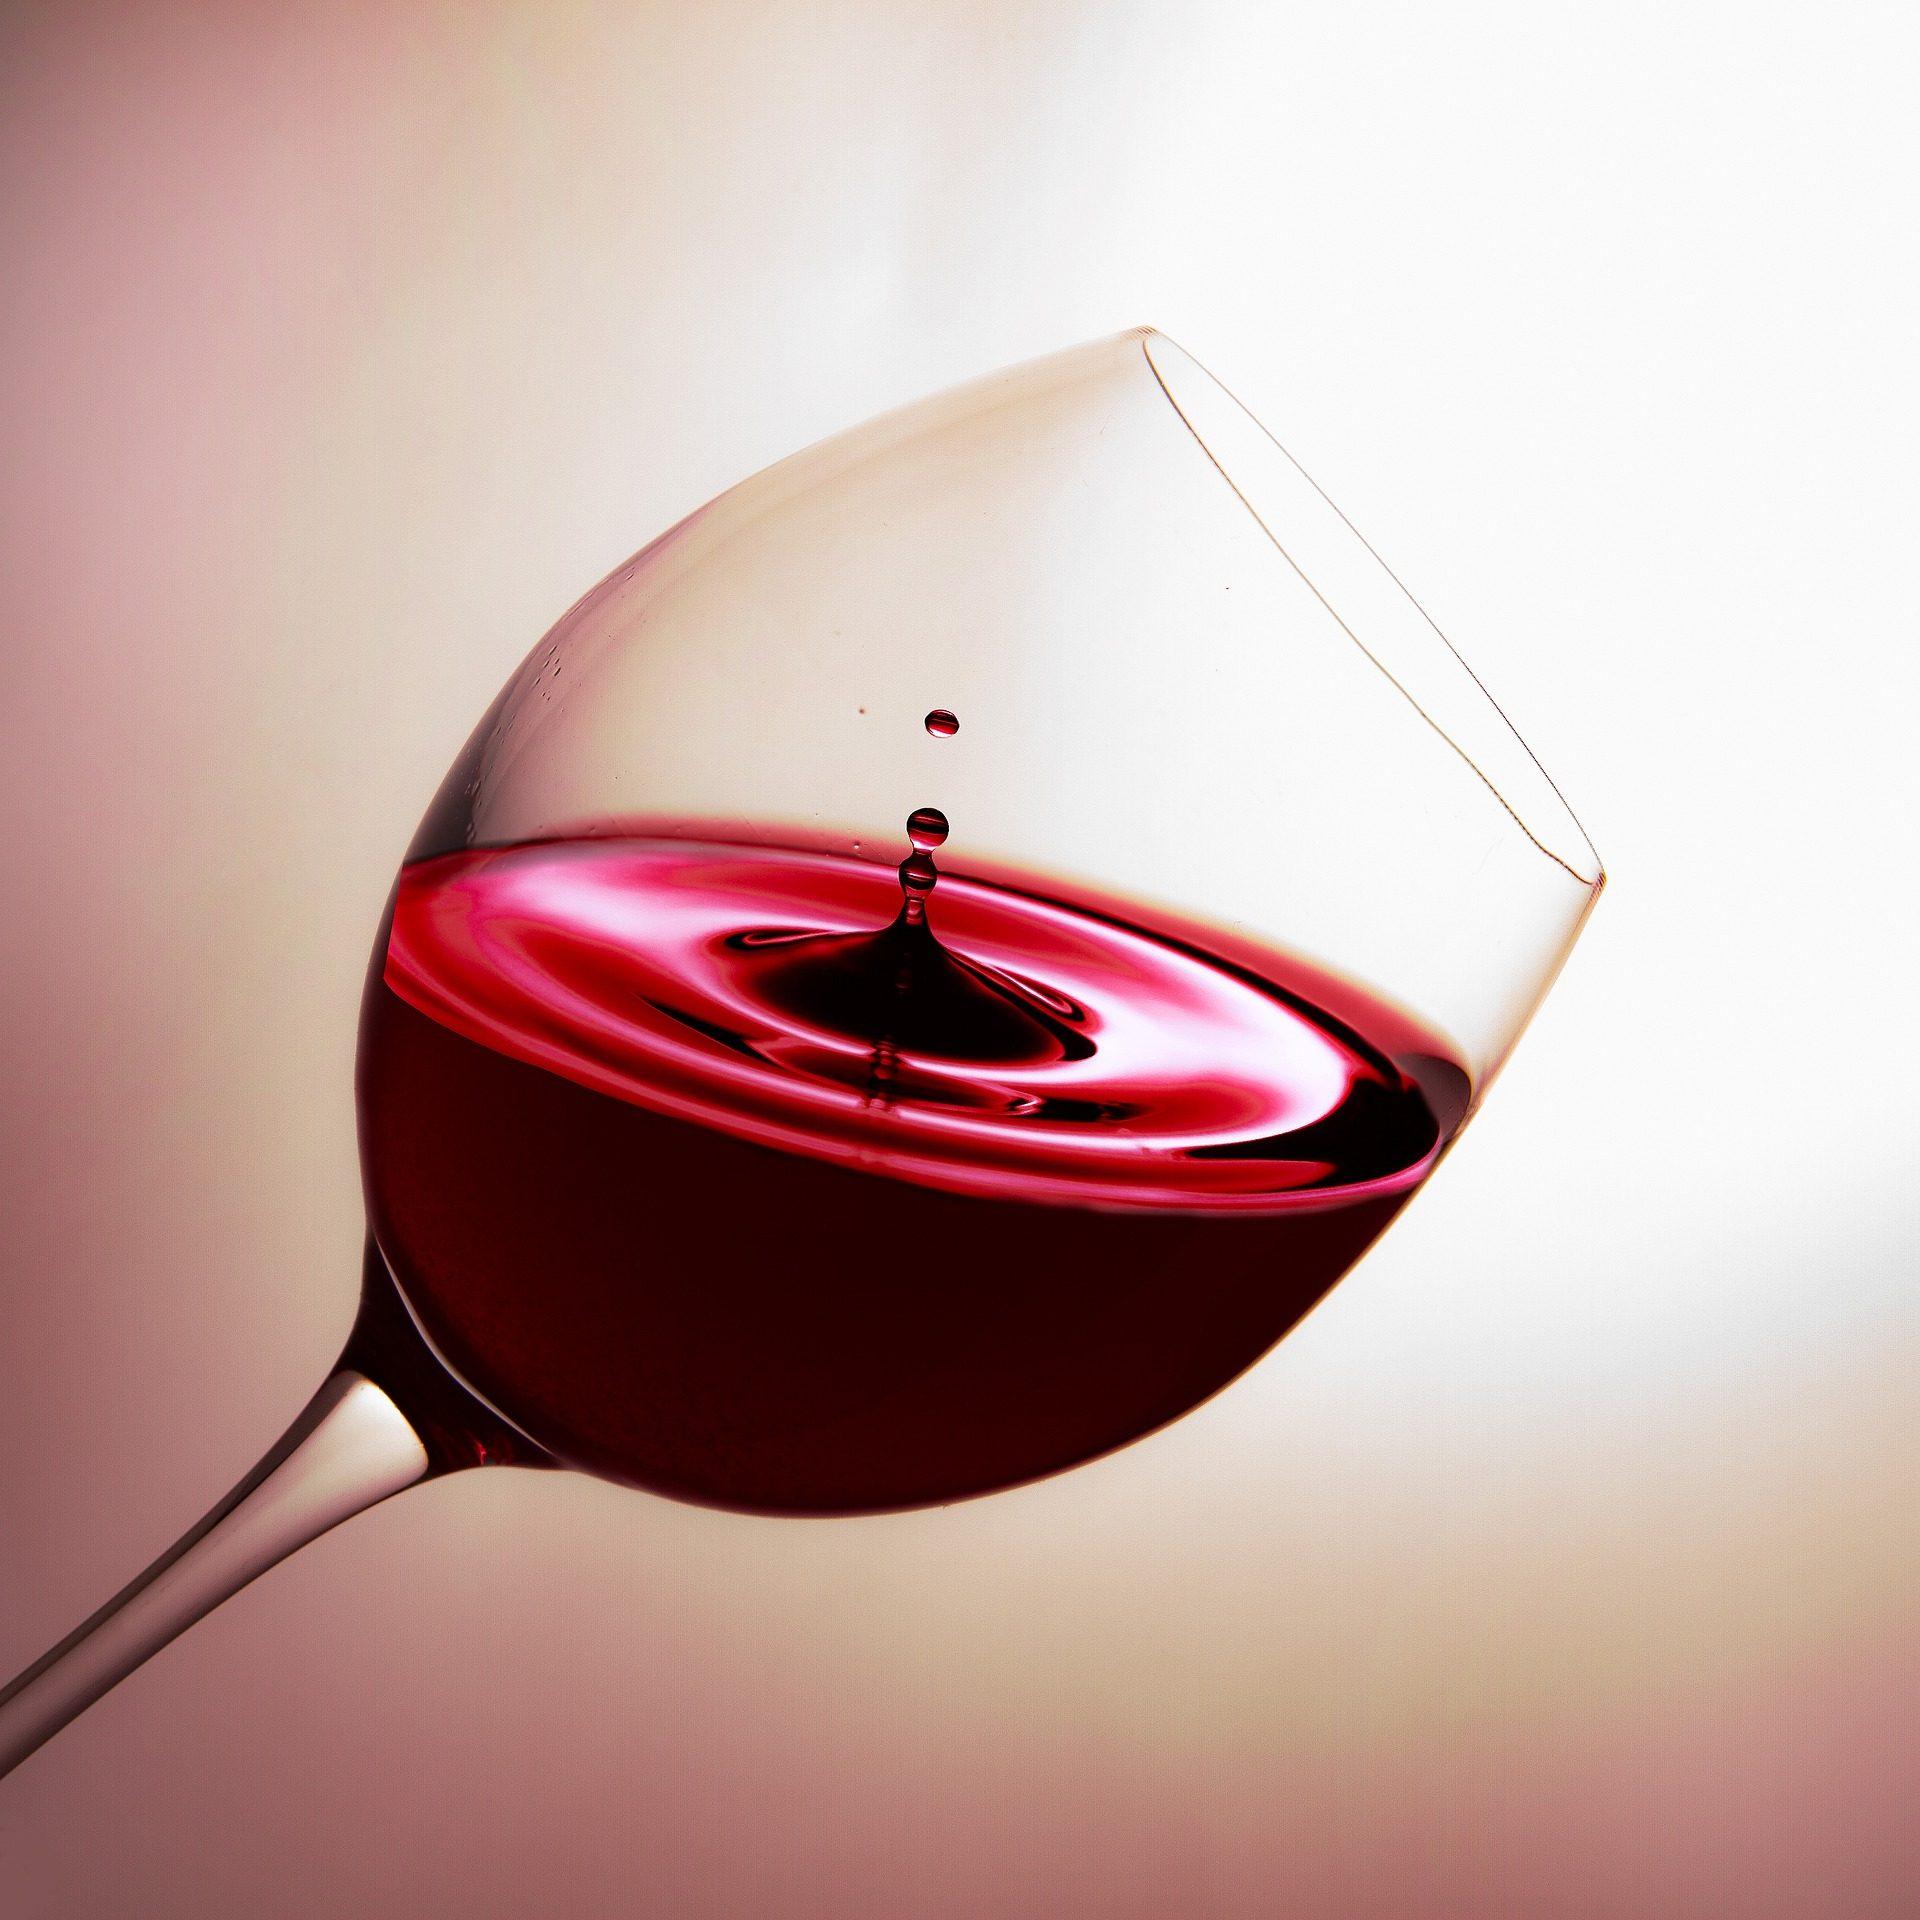 ワイン, カップ, クリスタル, 波, 滴 - HD の壁紙 - 教授-falken.com